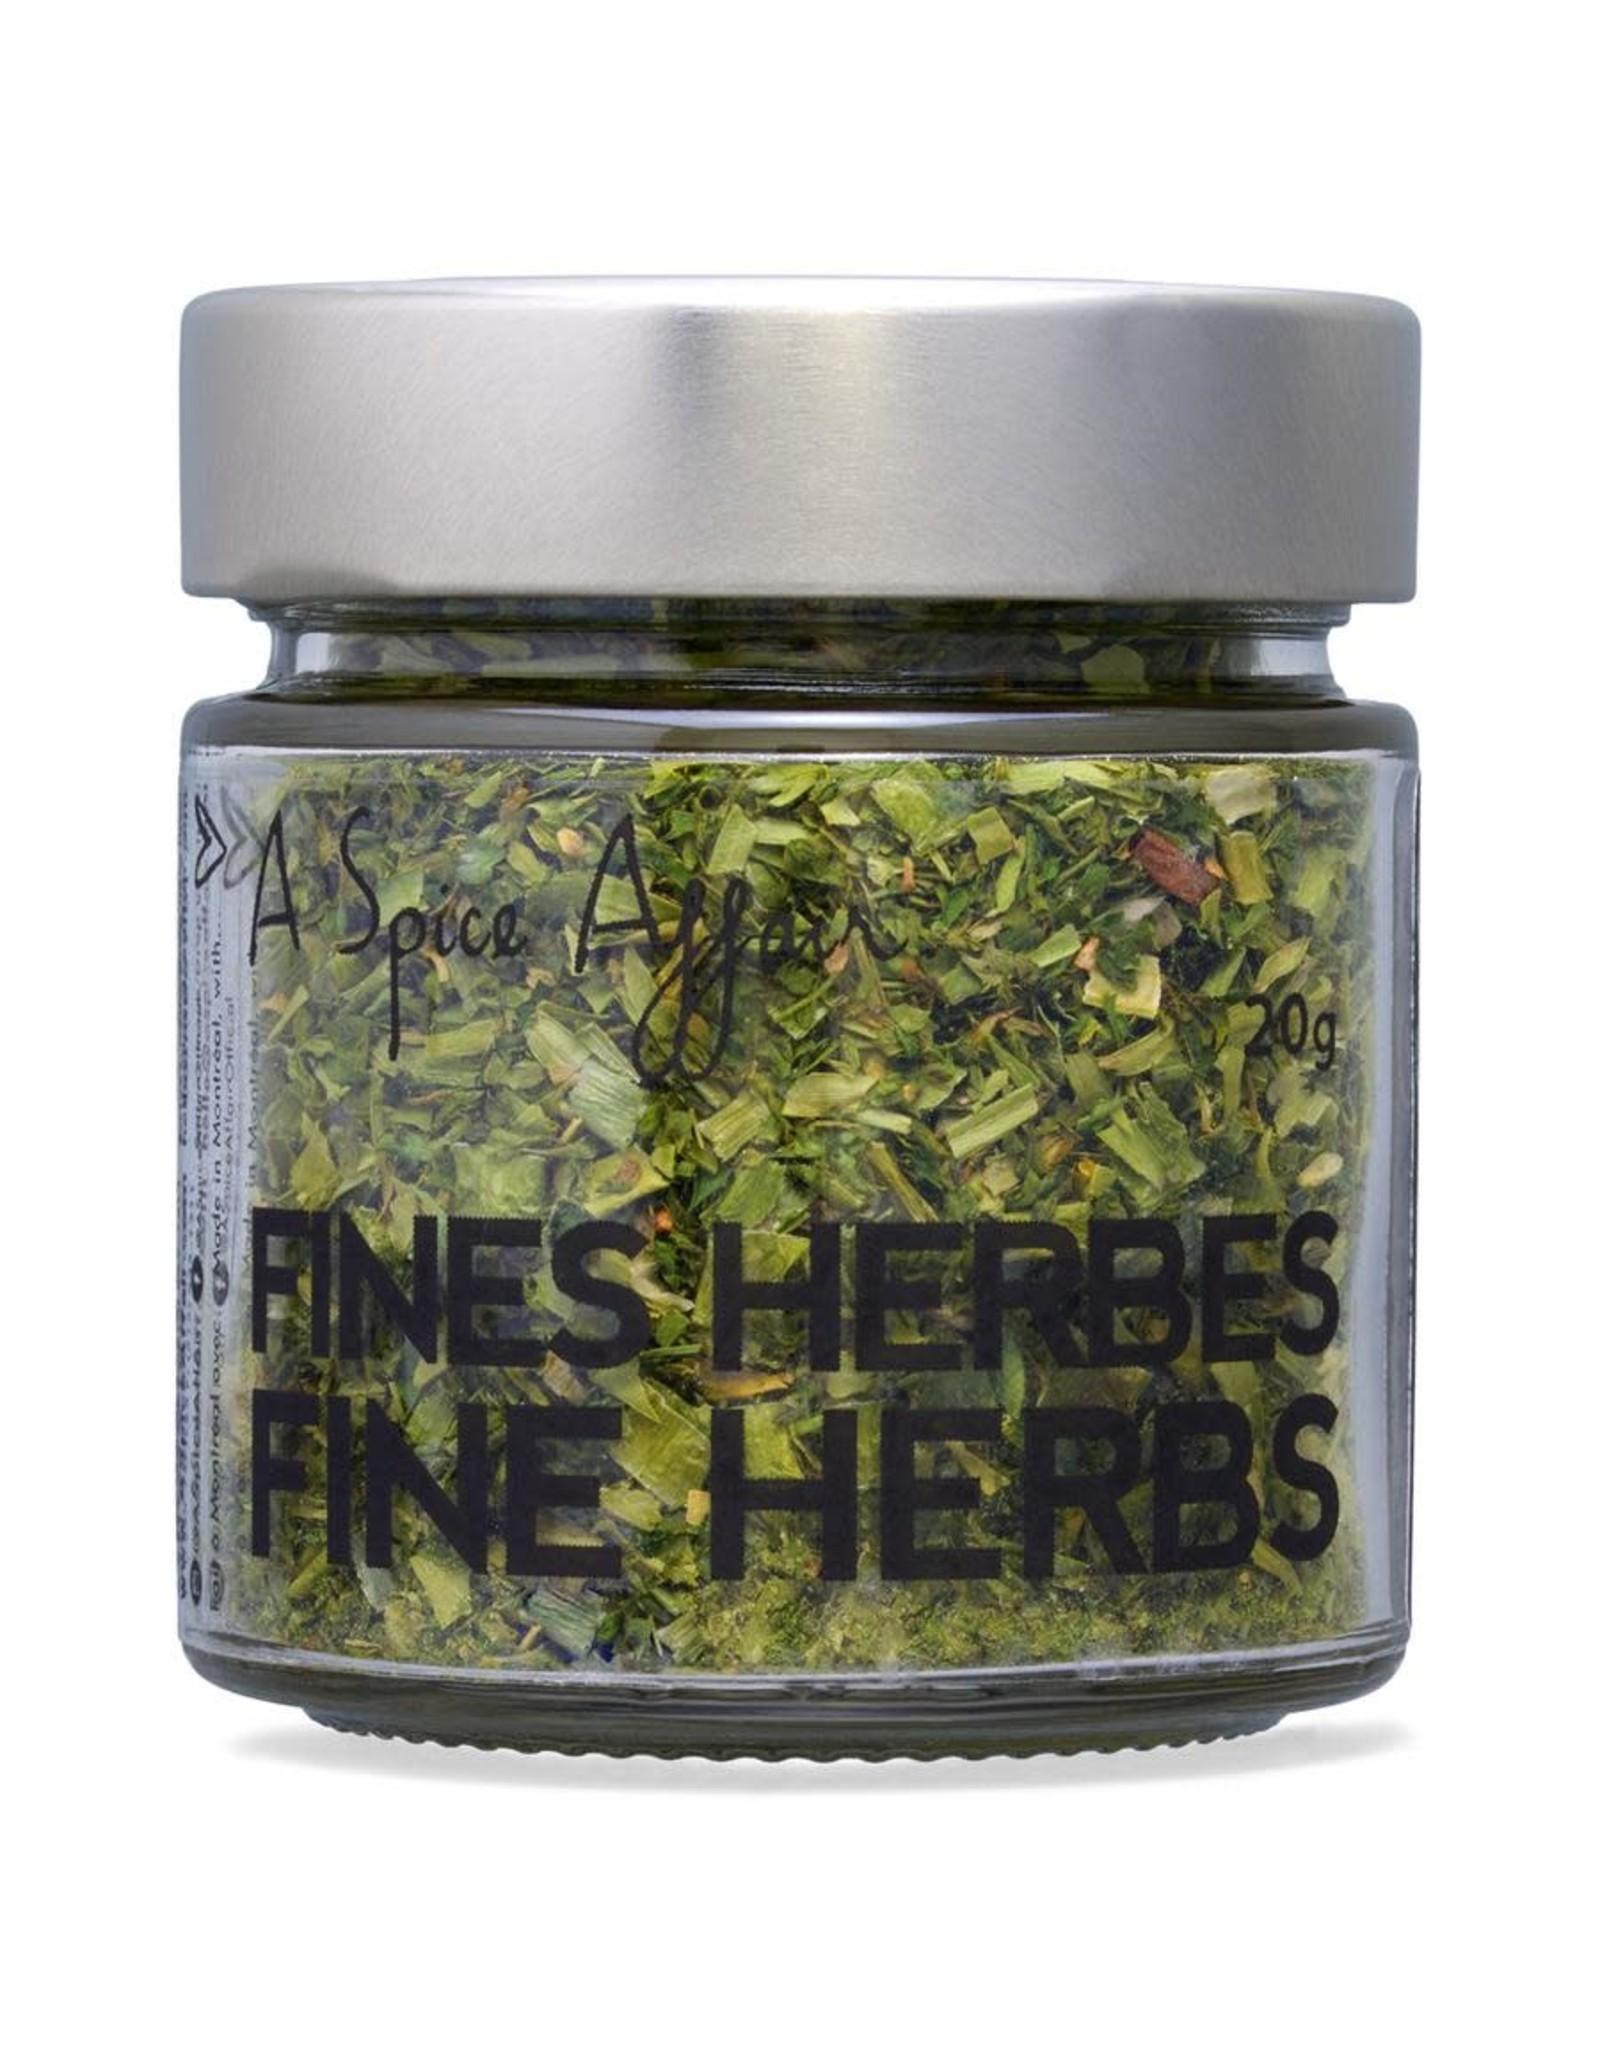 A Spice Affair Fine Herbs